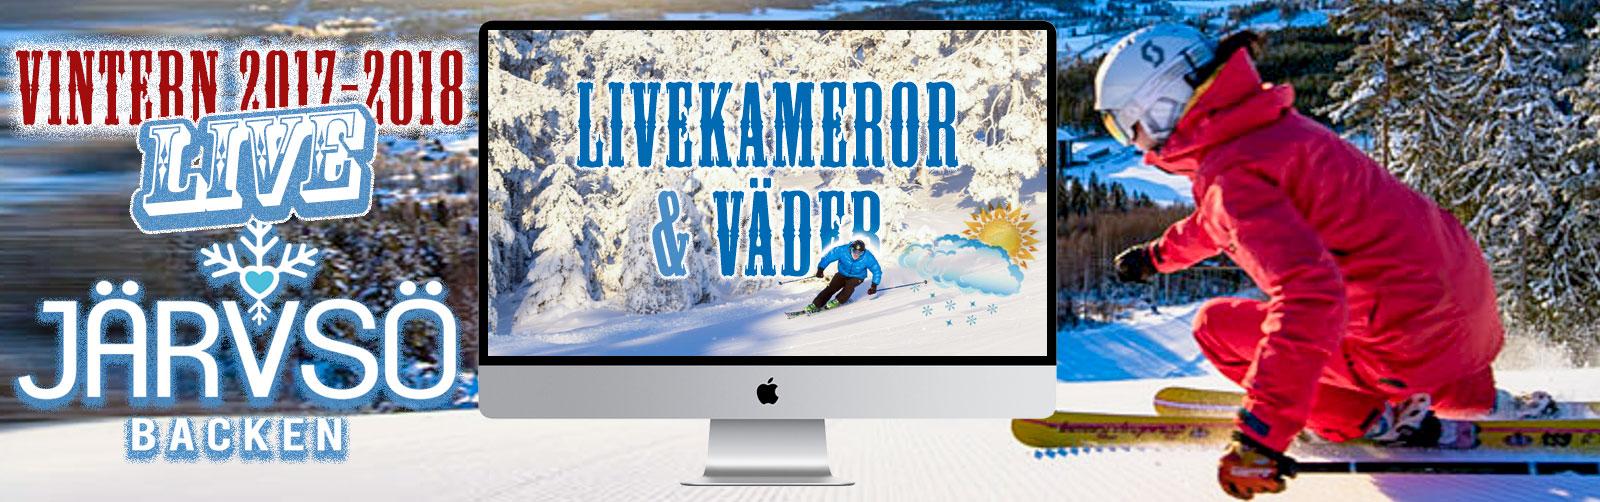 Järvsöbacken Live